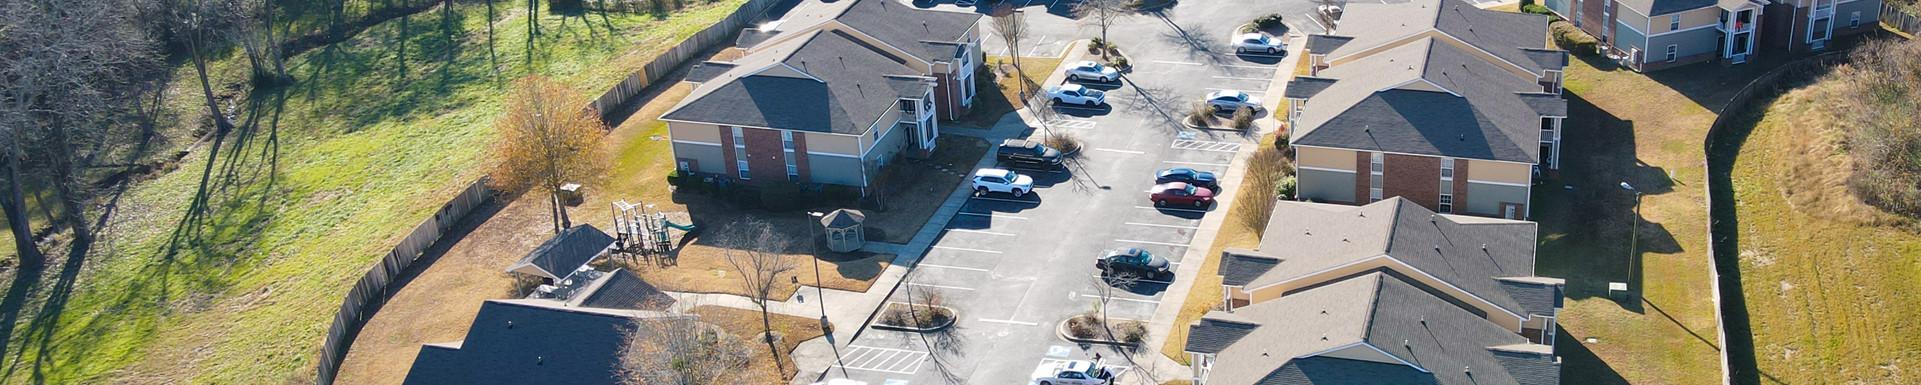 Sycamore Run Aerial Photo